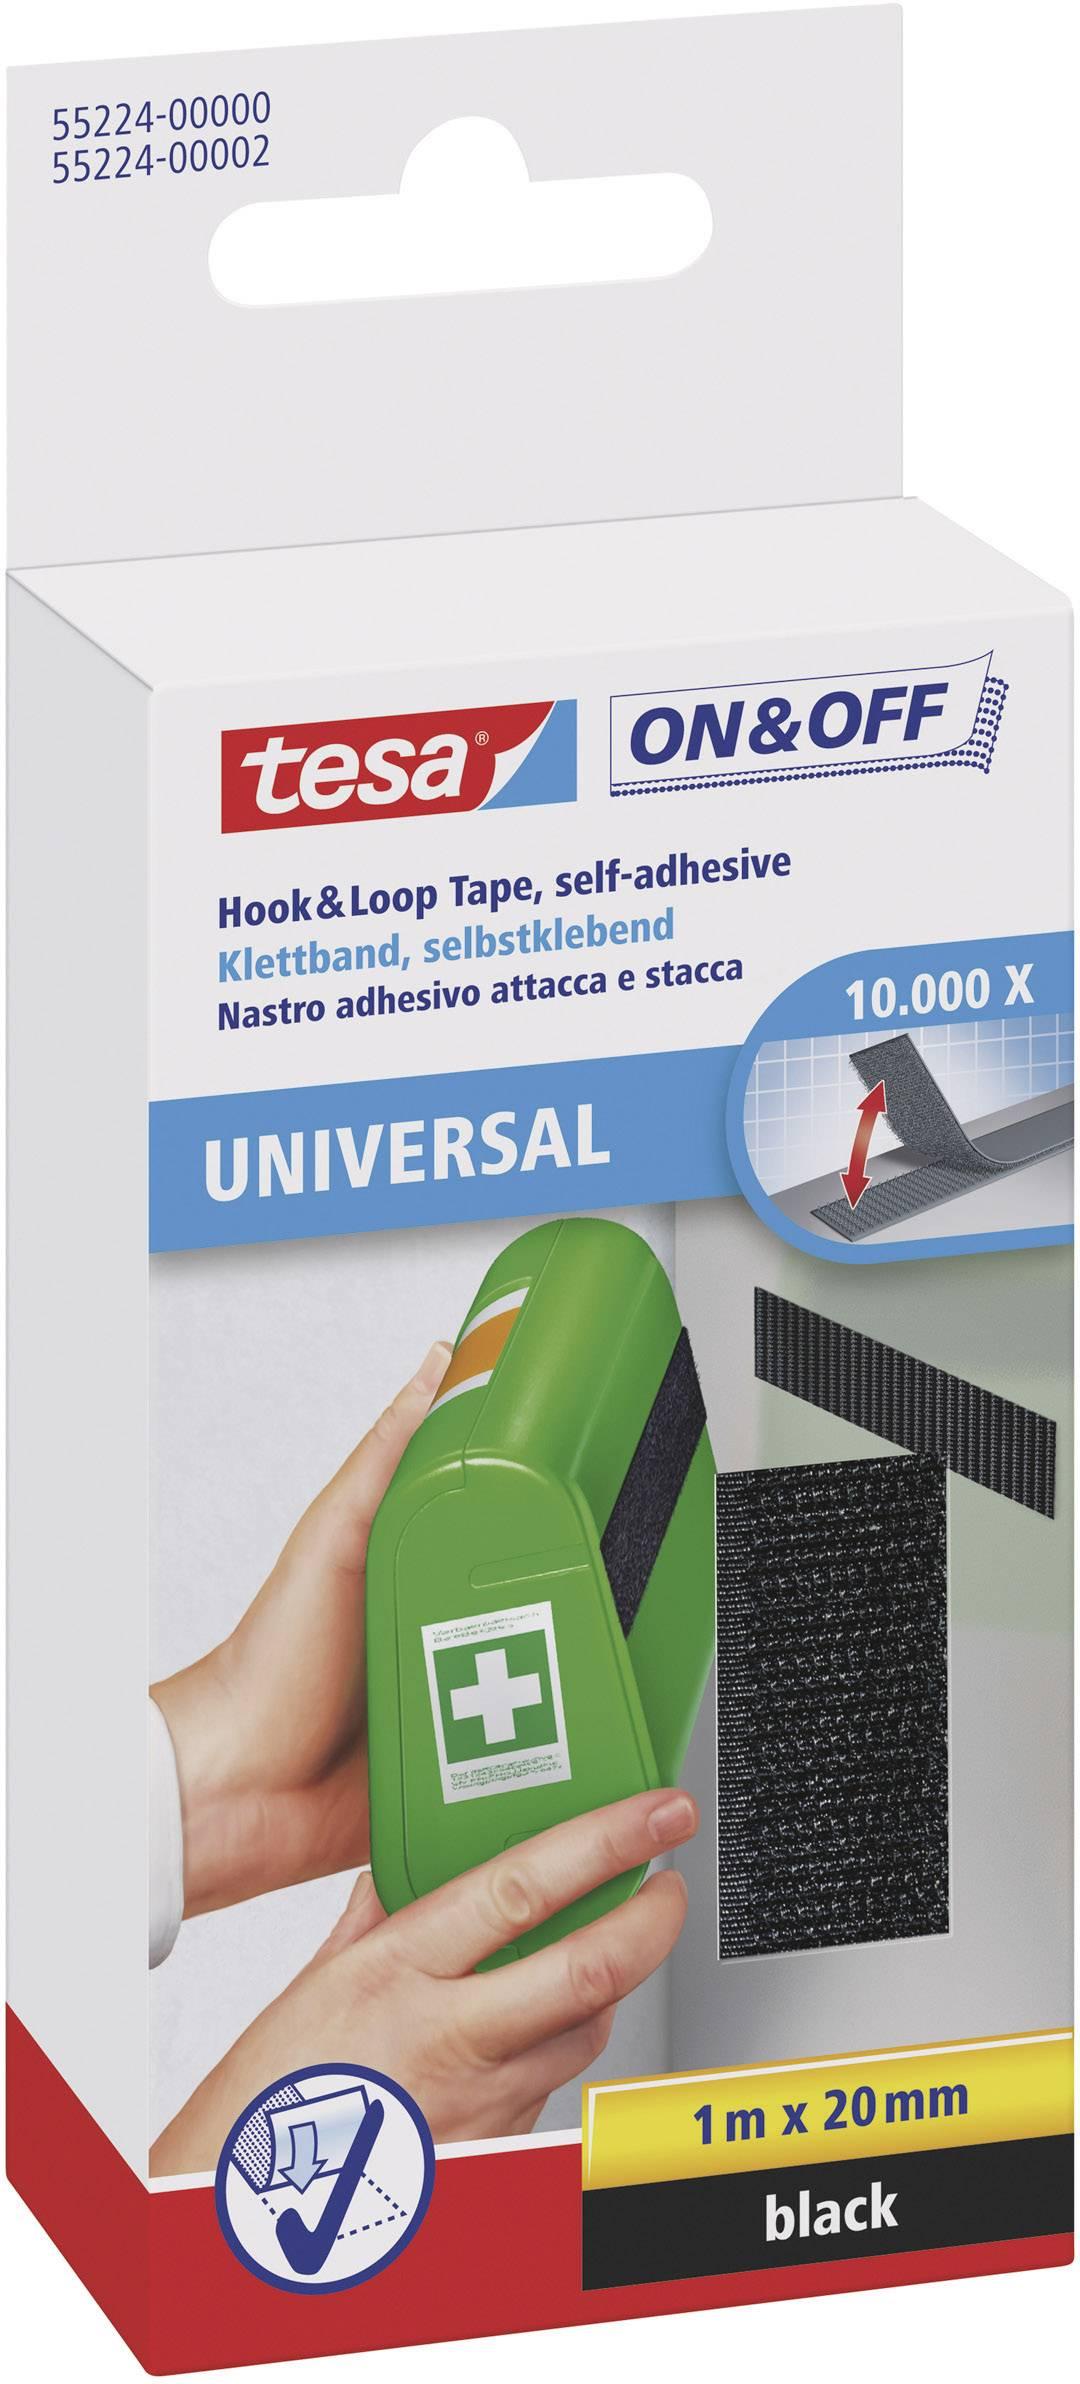 Suchý zip pro nalepení Tesa On&Off, 2 cm x 1 m, černá